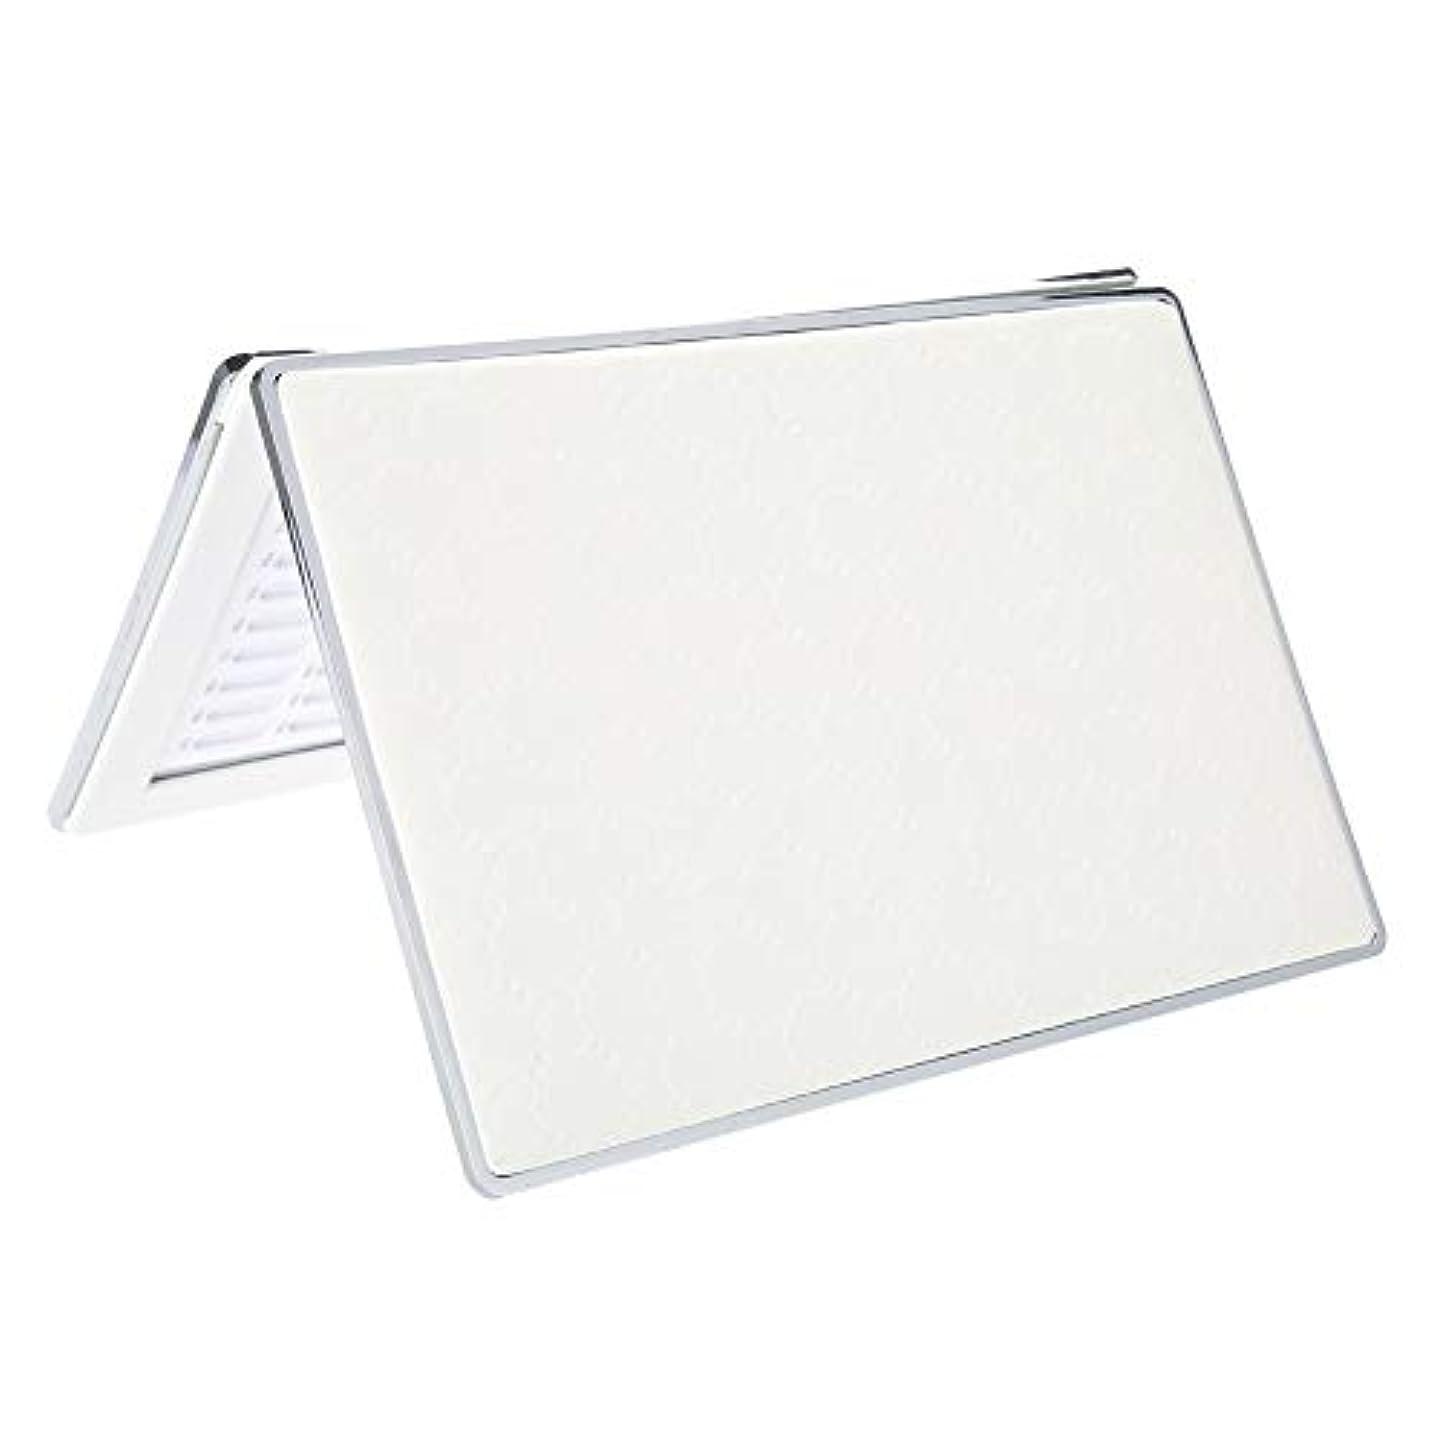 委員会掃くパワーセルネイルアートディスプレイ 160色 ディスプレイスタンド プラスチック板 ネイルポリッシュカラー ディスプレイ サロン アクセサリー(03)